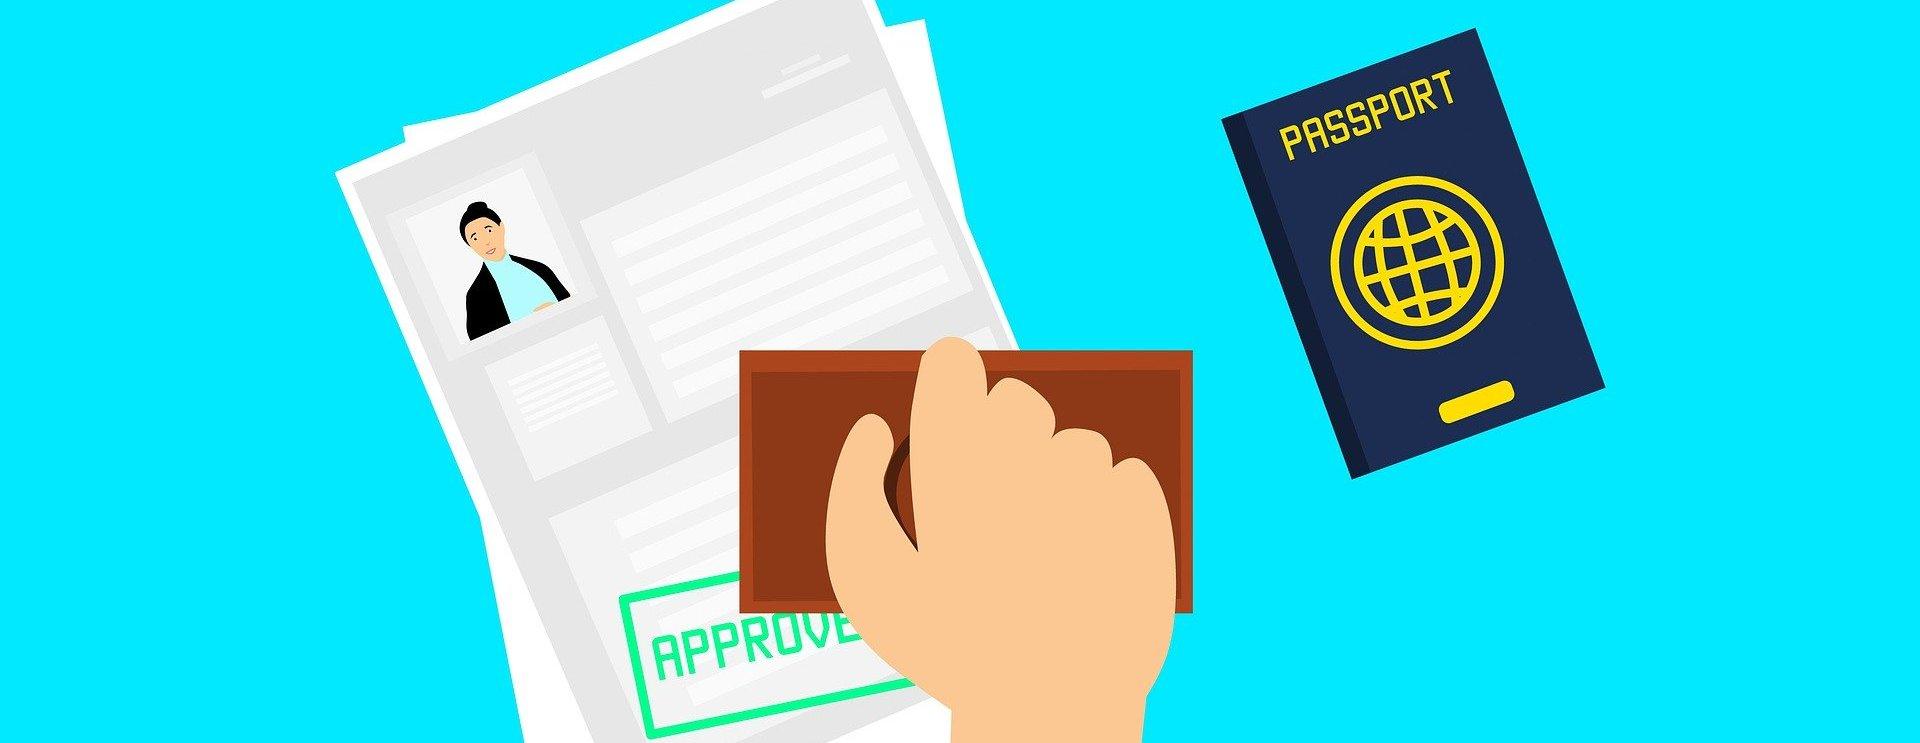 Госдума одобрила единую электронную визу для въезда в страну